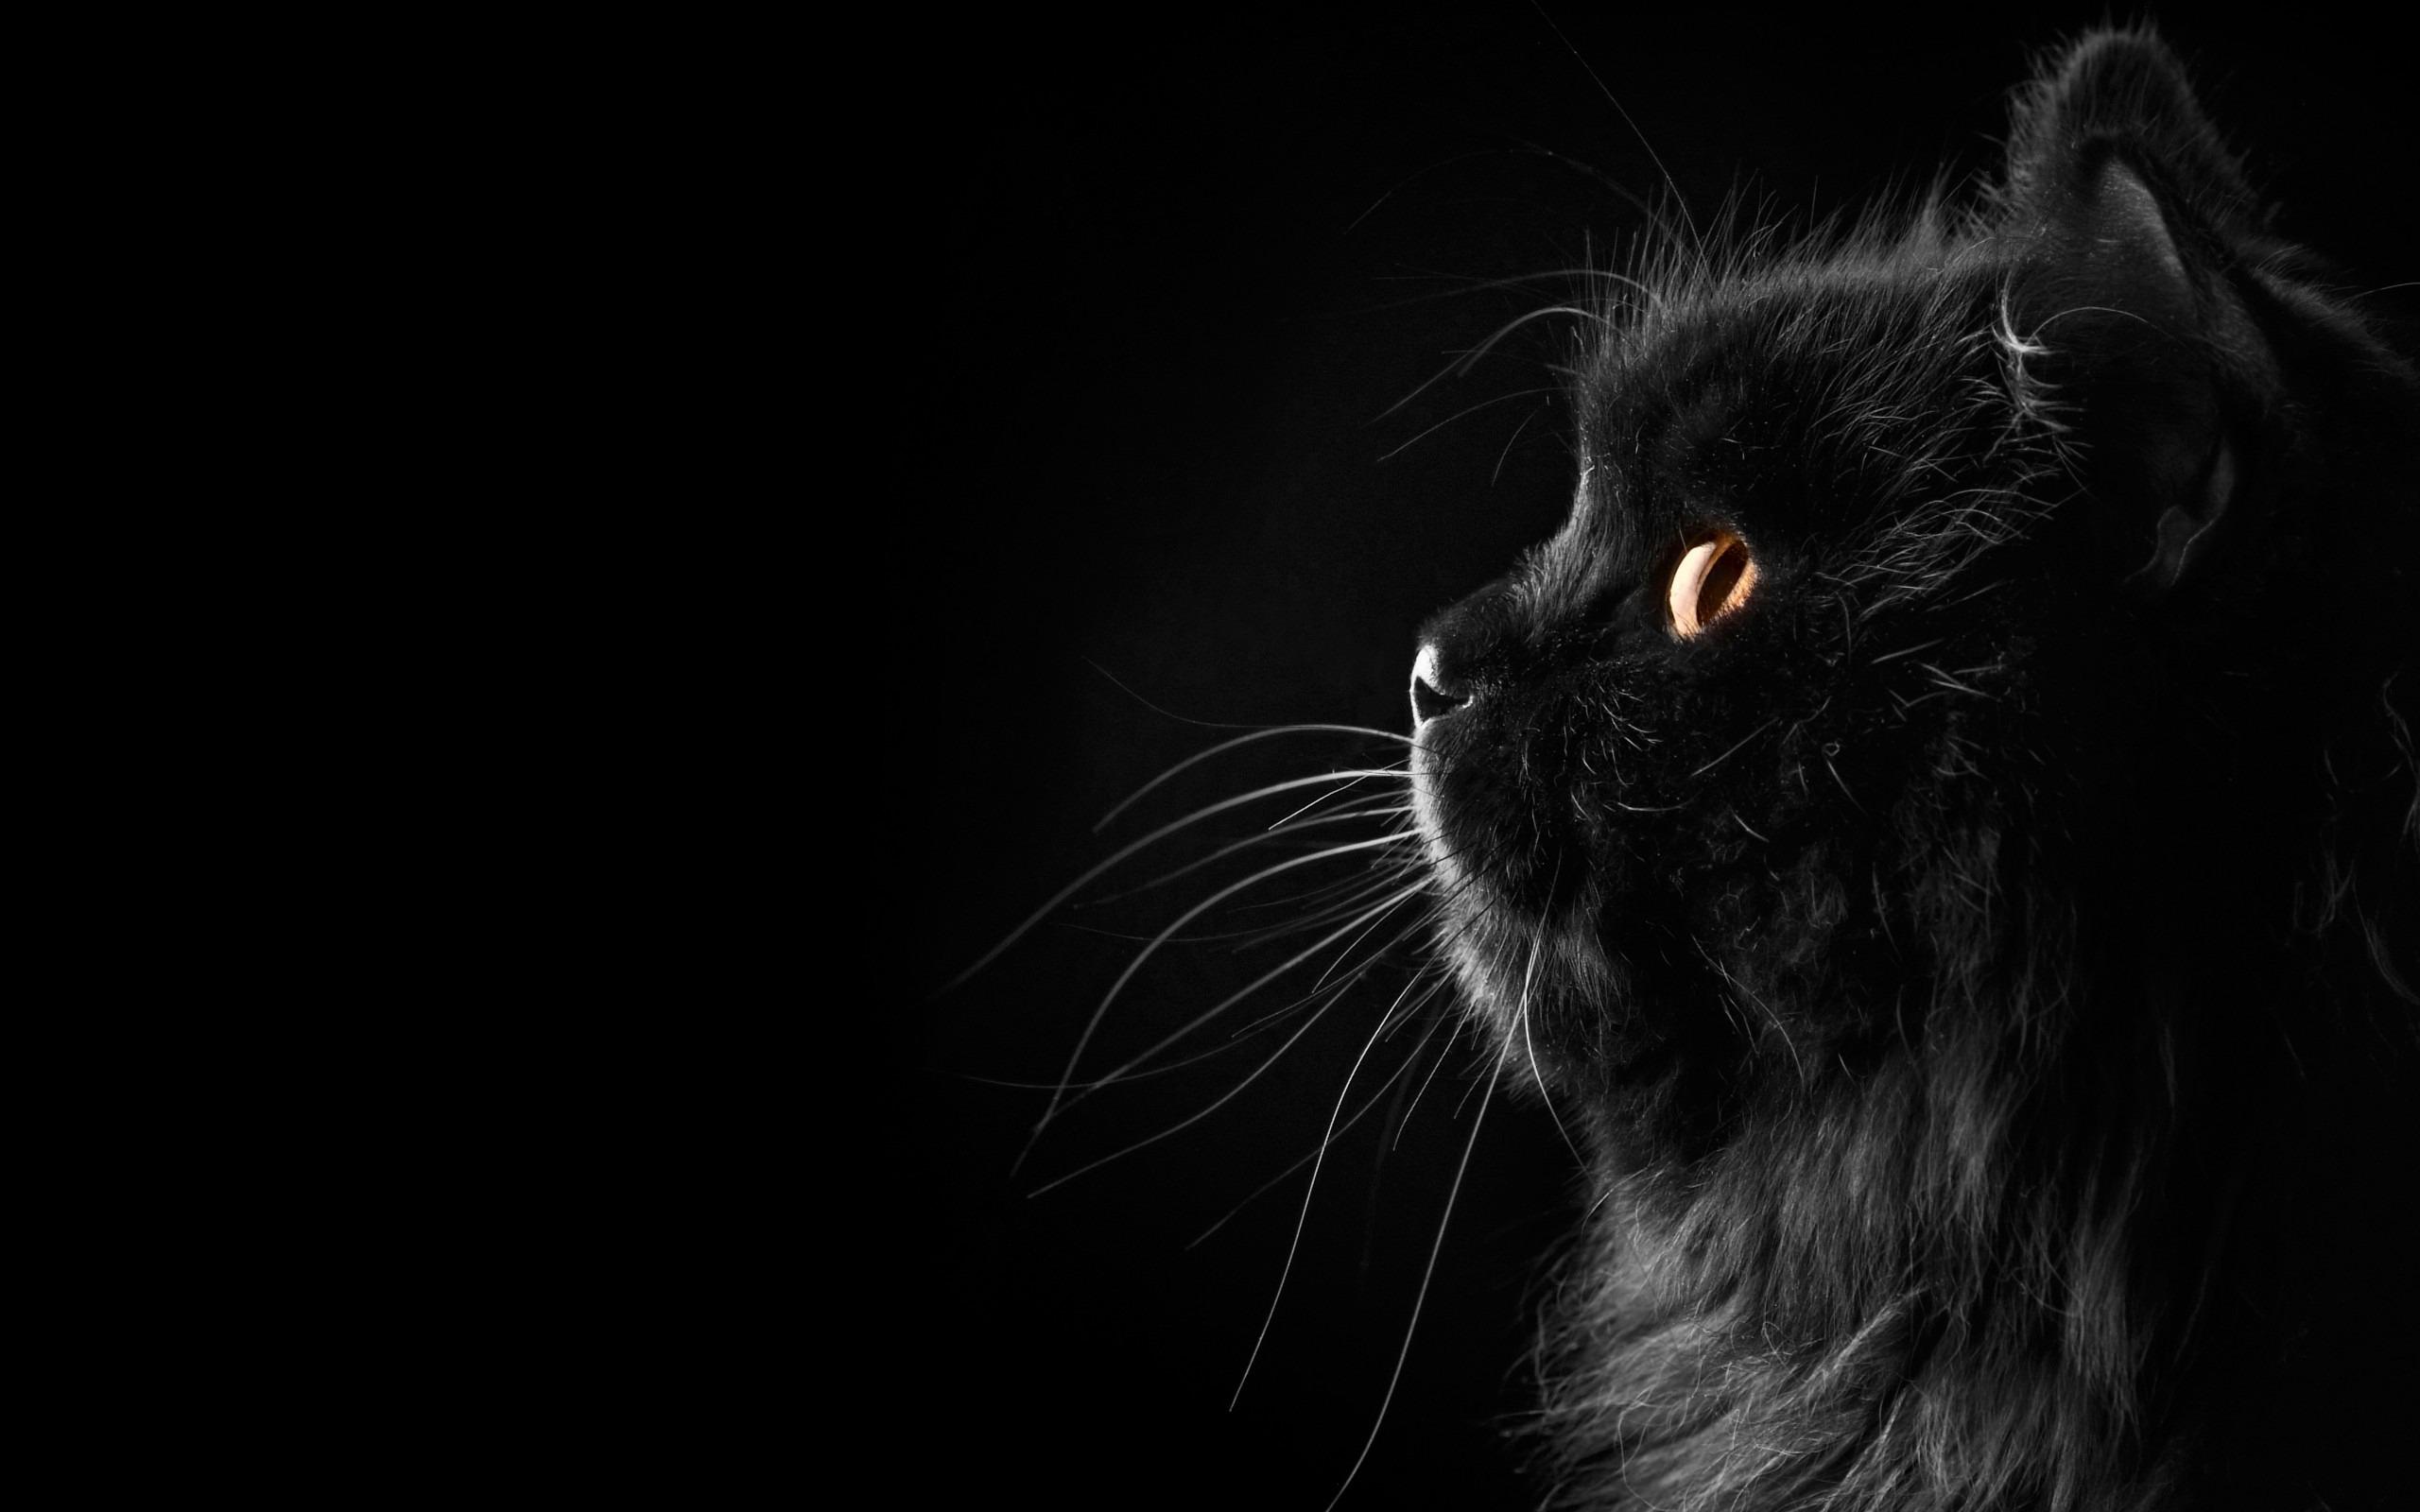 黒猫 動物の壁紙プレビュー 10wallpaper Com